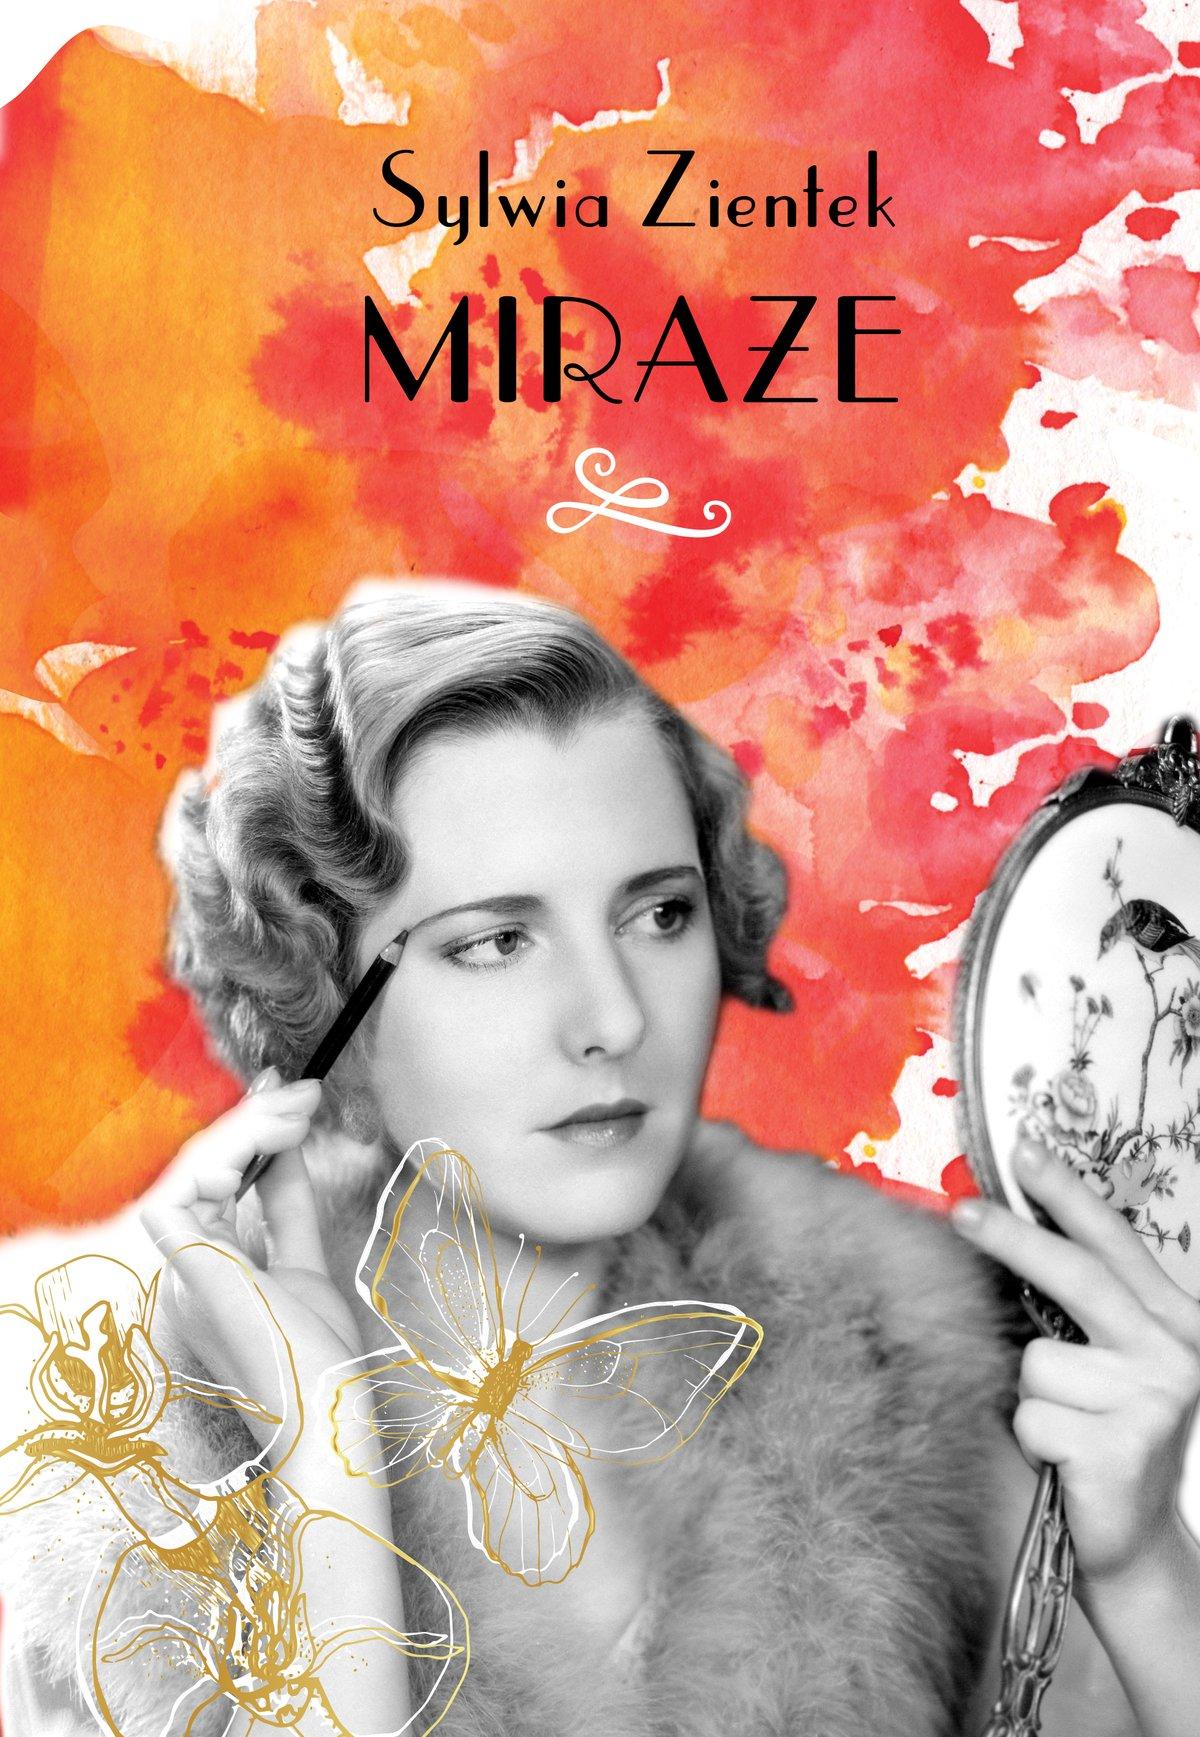 Miraże - Ebook (Książka EPUB) do pobrania w formacie EPUB